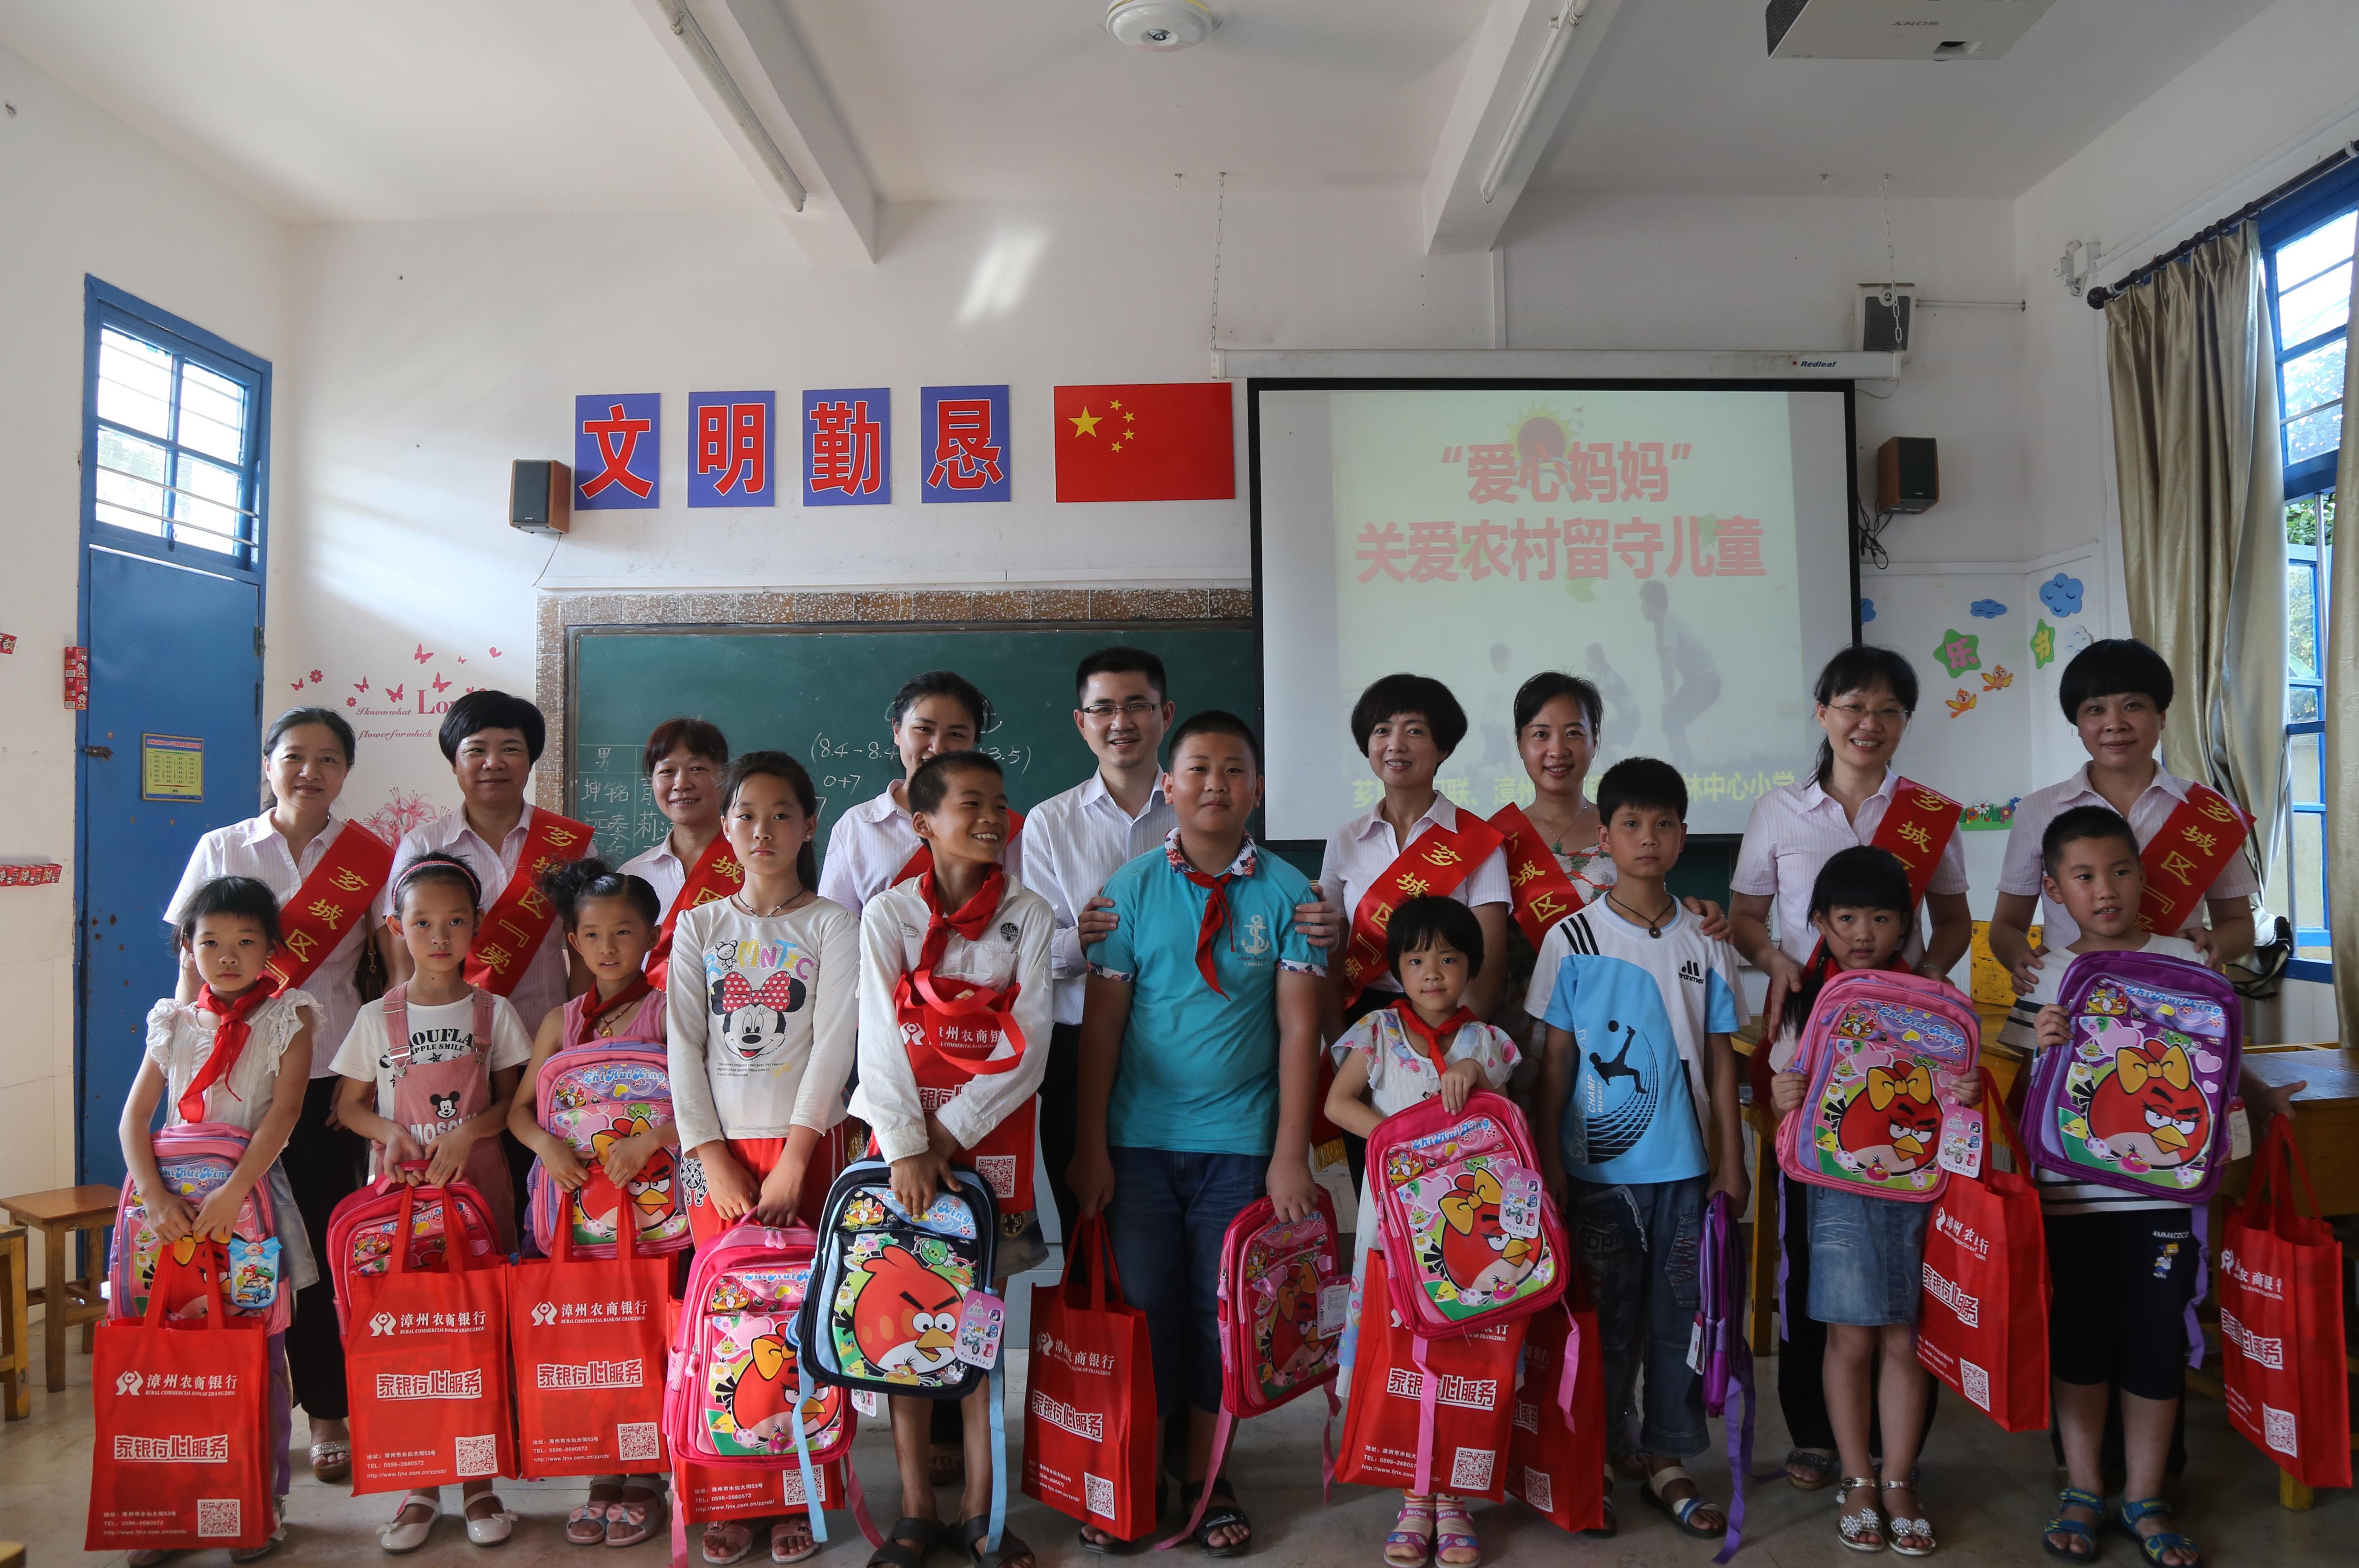 自2012年以来,漳州农商银行积极与芗城区妇联,浦林小学协调联系,对接图片